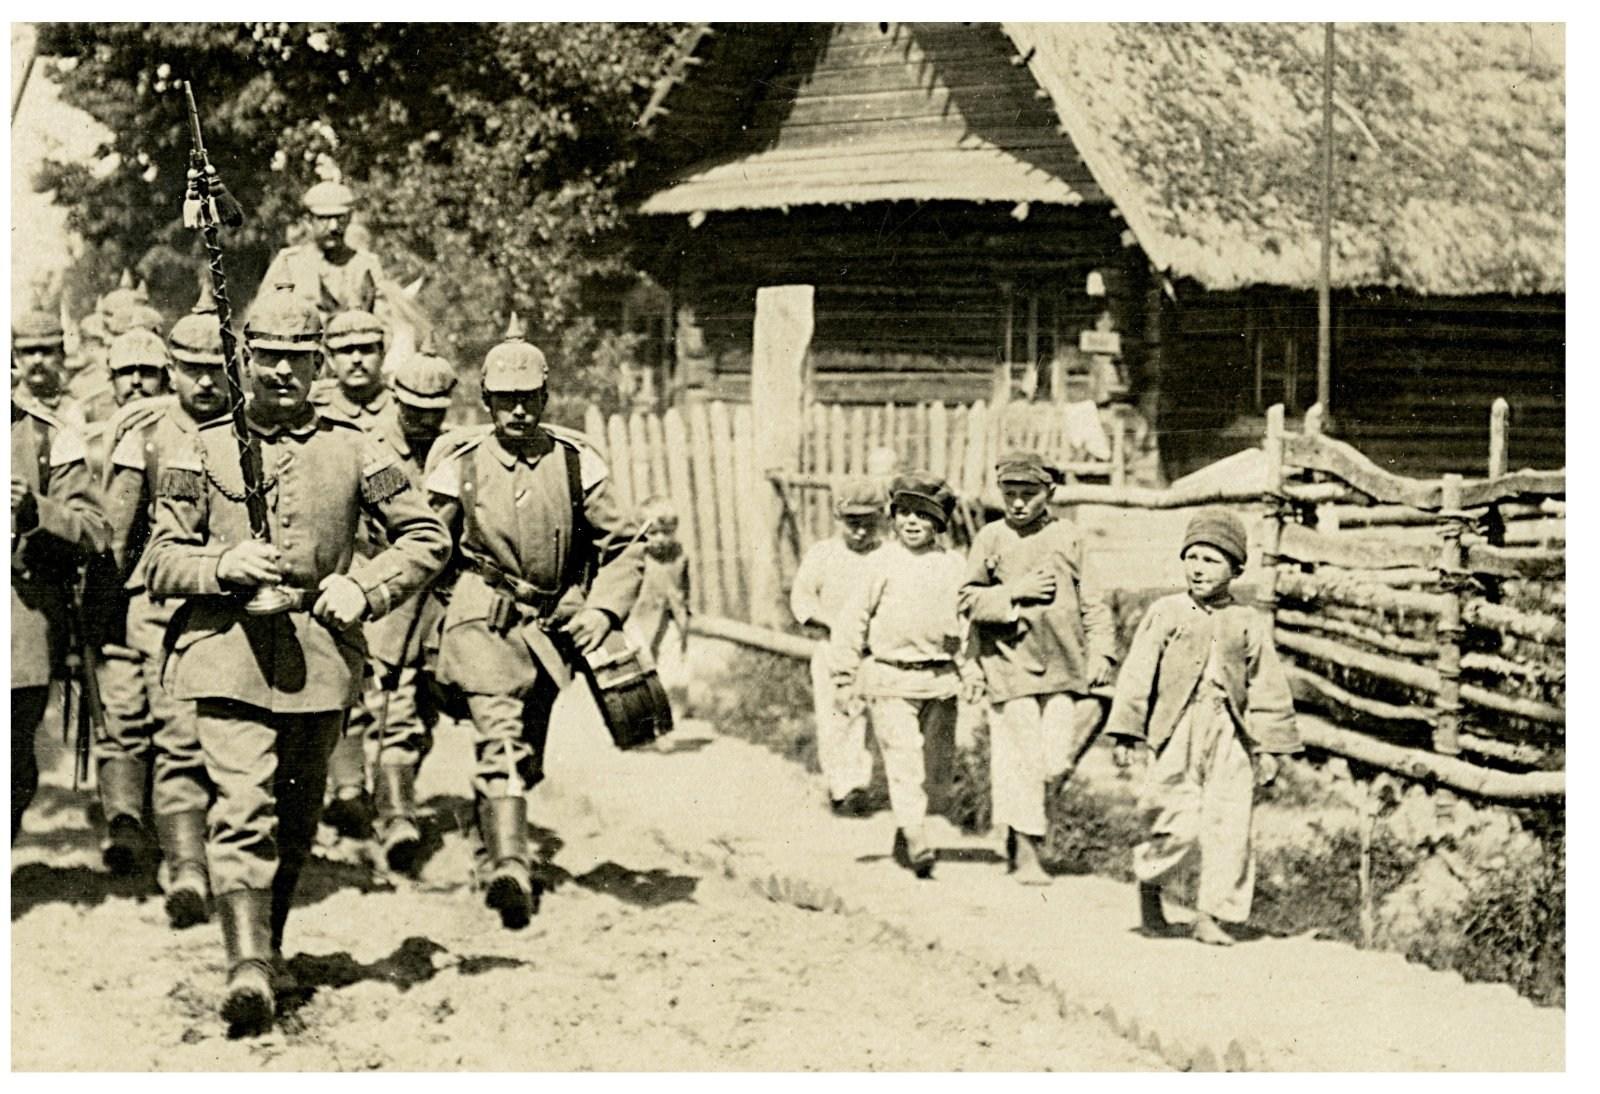 Як звалася нямецкая адміністрацыя, якая існавала на тэрыторыі Беларусі падчас Першай сусьветнай вайны?